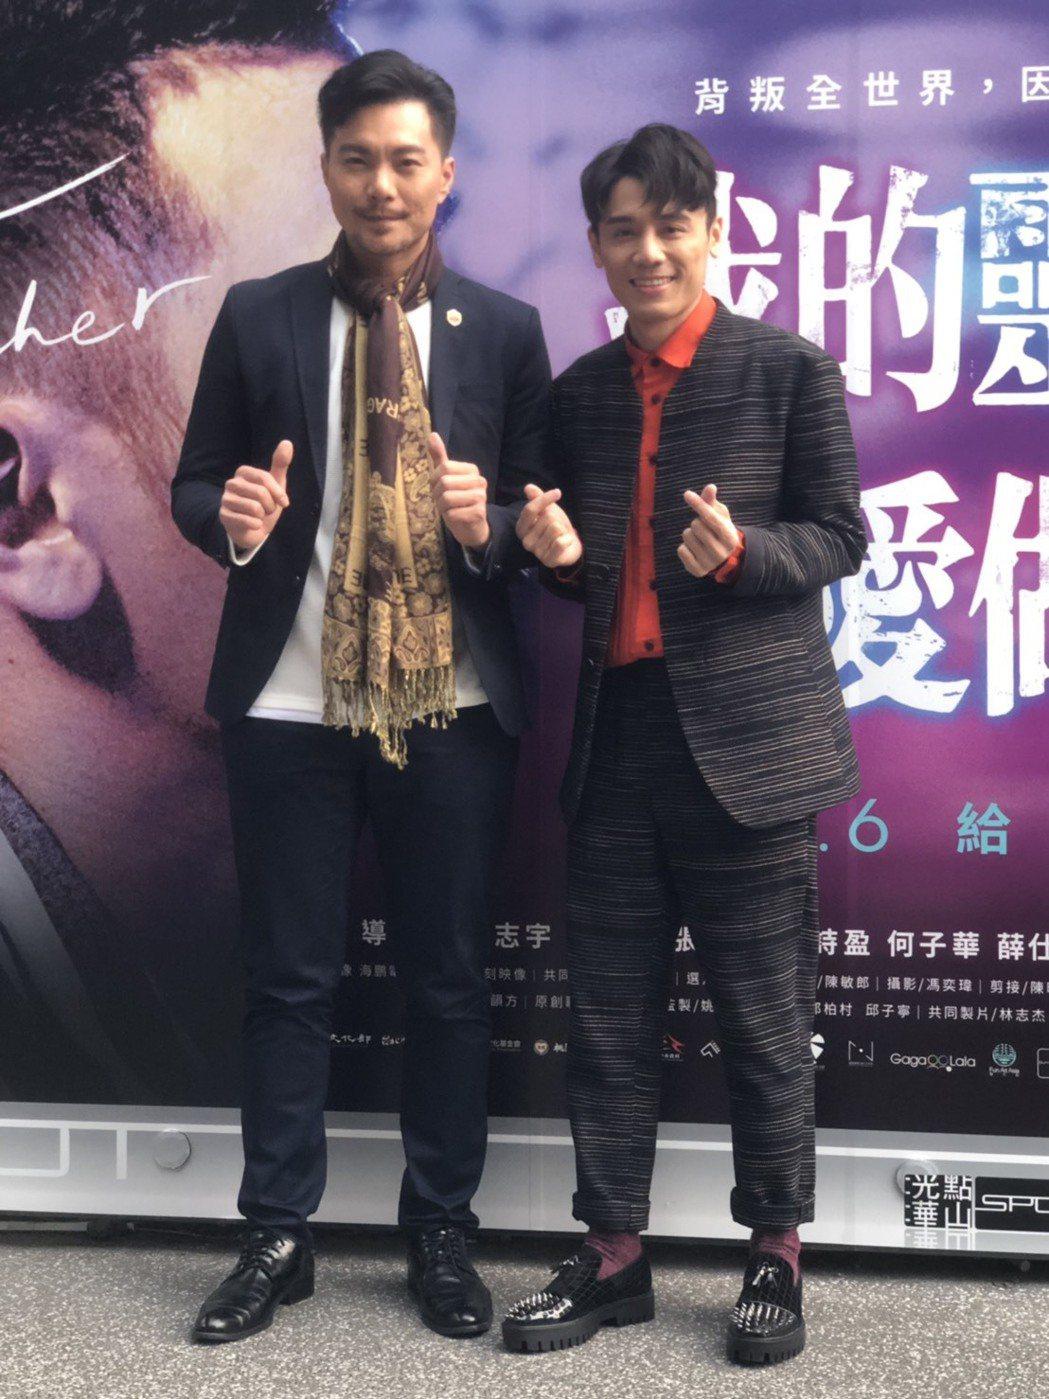 張晉豪(左)與邱志宇在「我的靈魂是愛做的」床戲演到真情流露。圖/海鵬提供